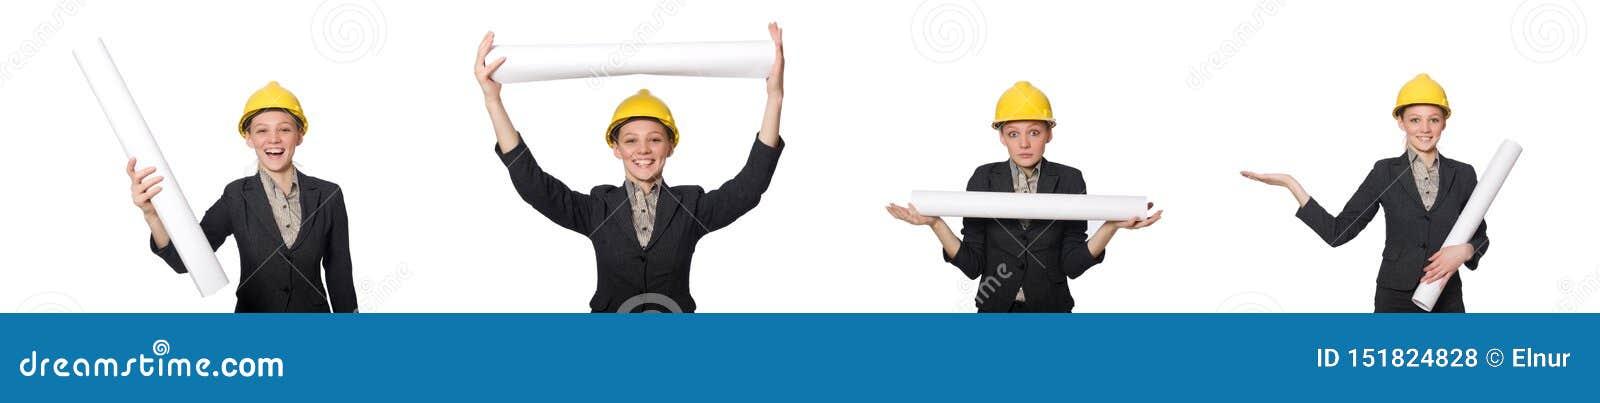 Coordenador da mulher com projetos